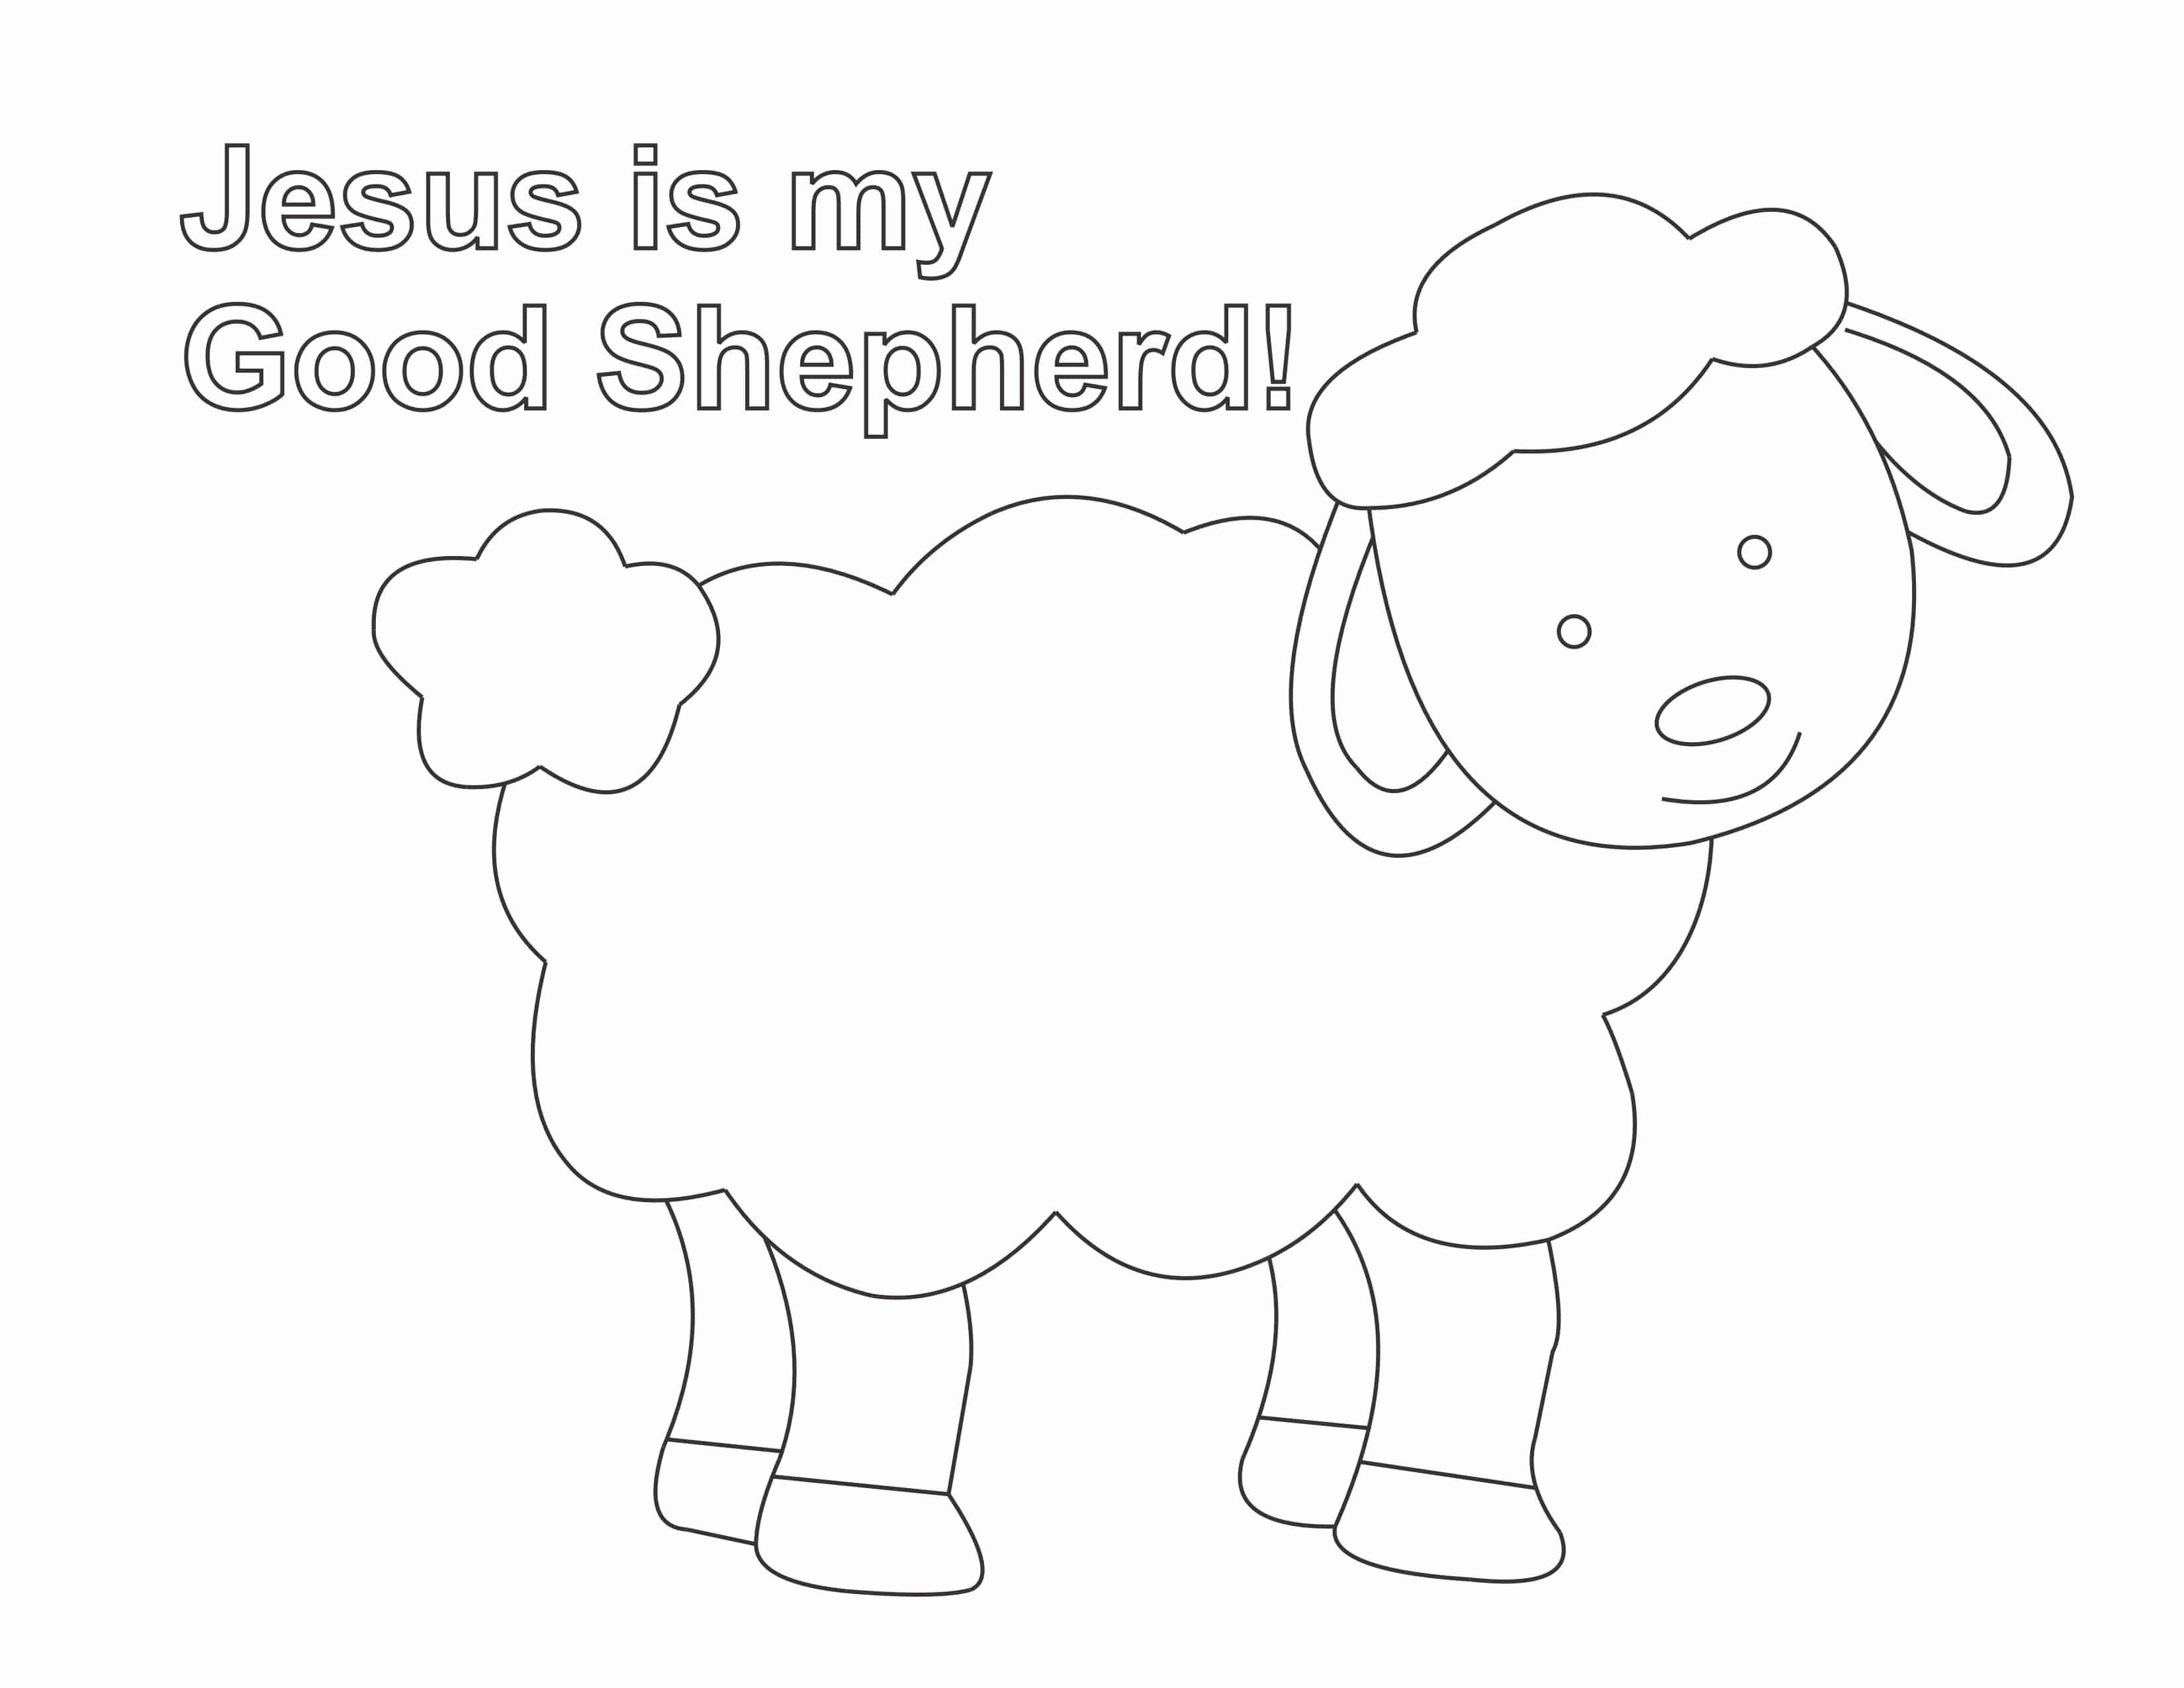 Good Shepherd Coloring Page Elegant Jesus Is The Good